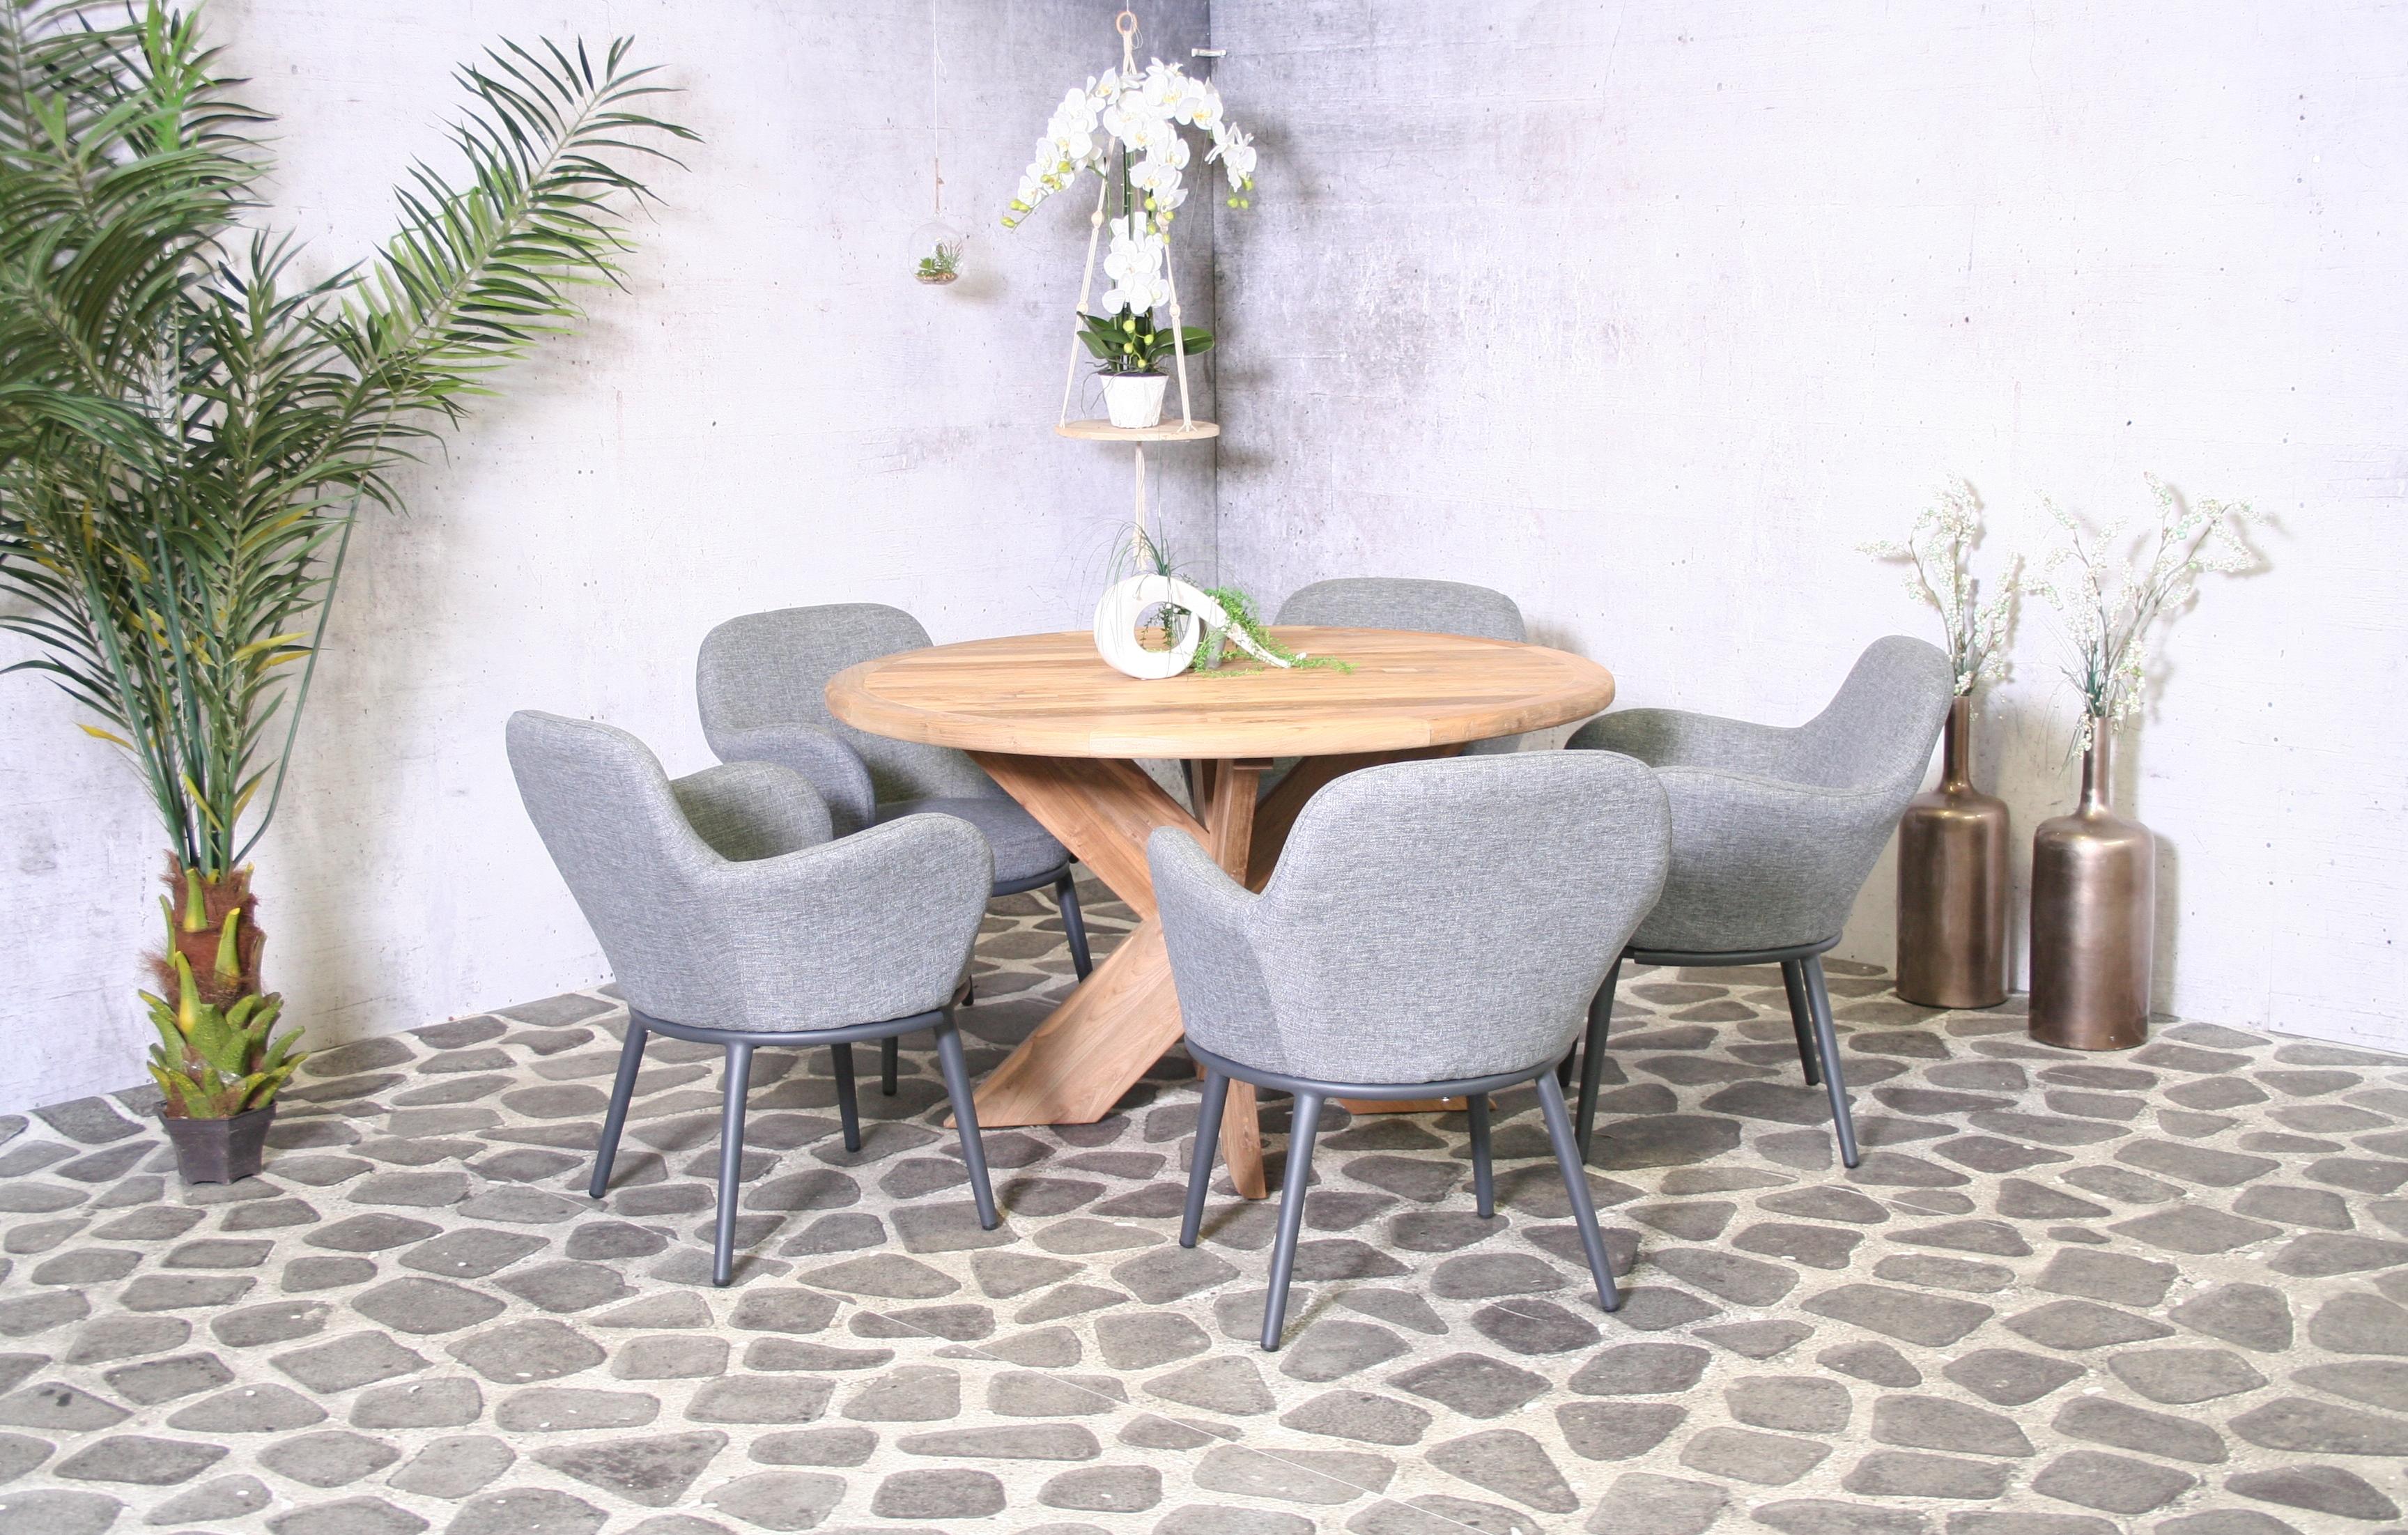 Edle Garnitur Malta mit rundem Tisch + 5 Sessel | Bomey ...